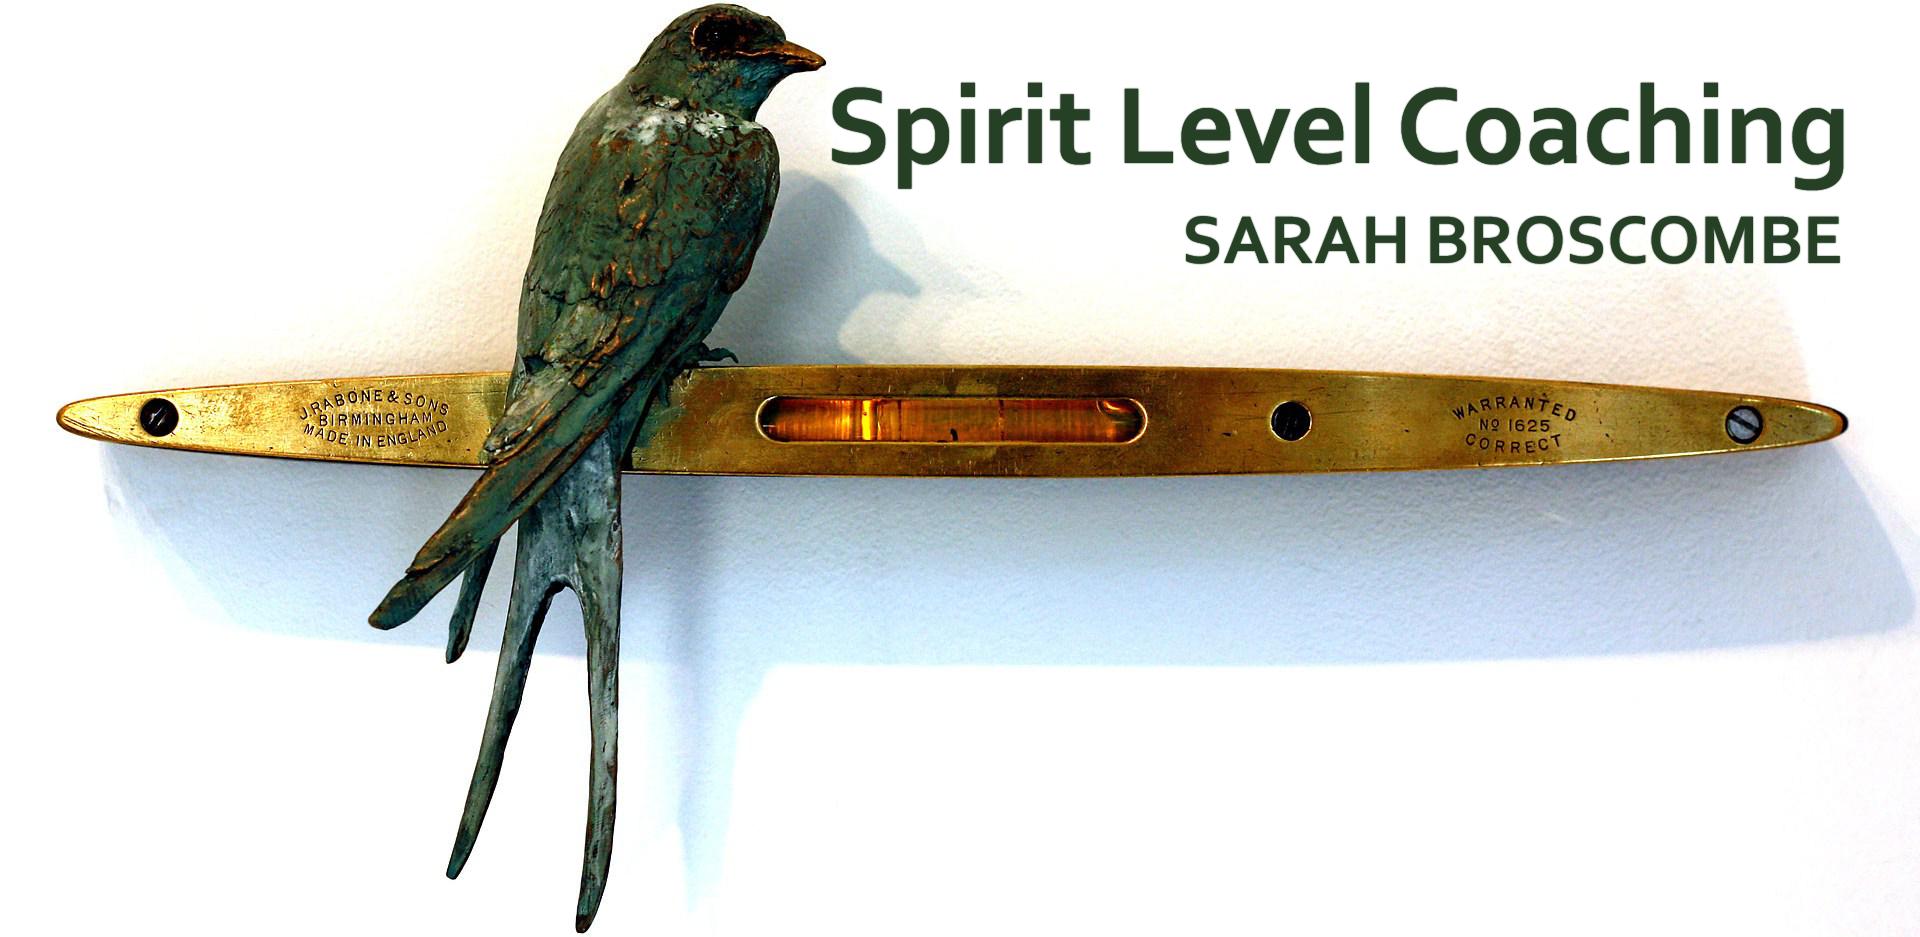 spirit-level-coaching-tight-crop-logo